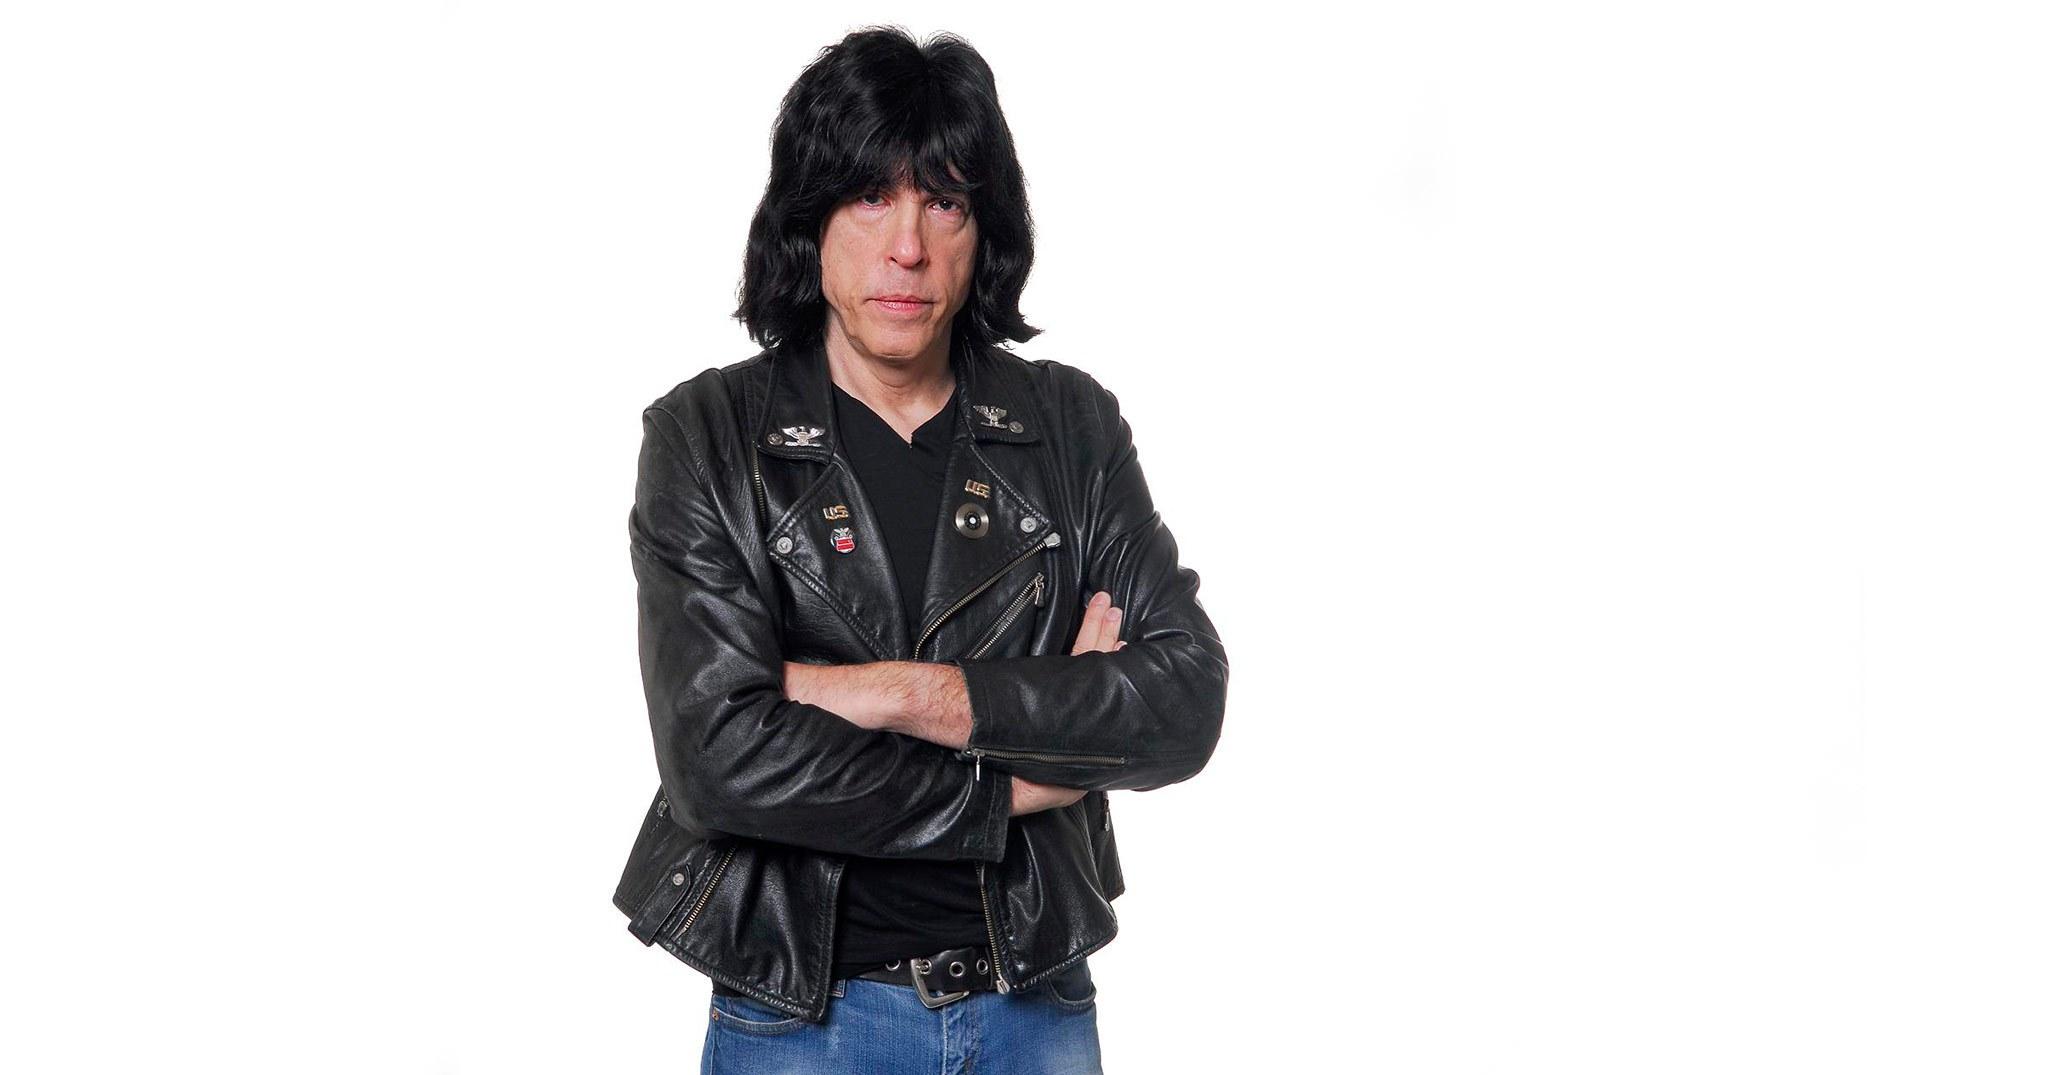 intervista a Marky Ramone, a Osoppo per Enjoy! The Fest il 25.08.18